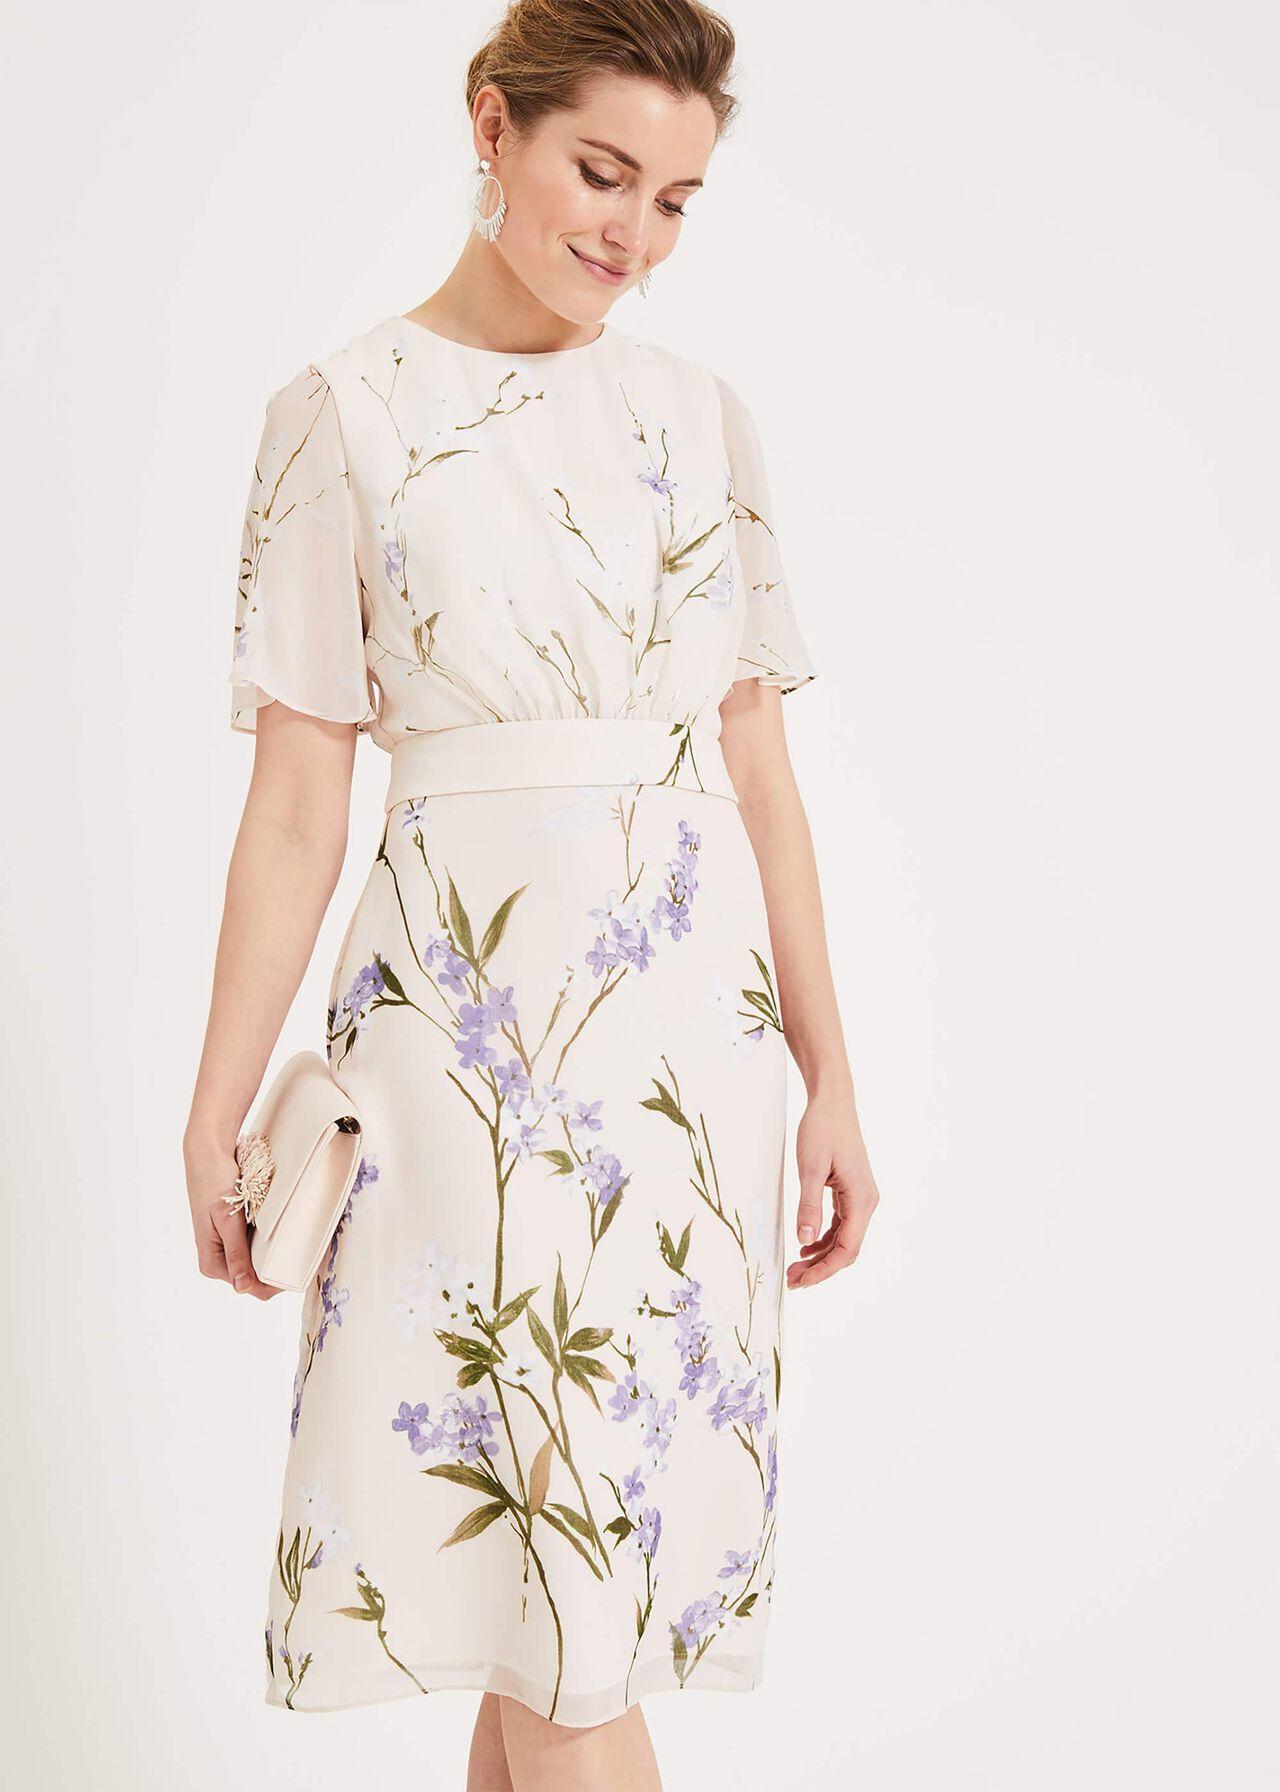 Eden Floral Dress